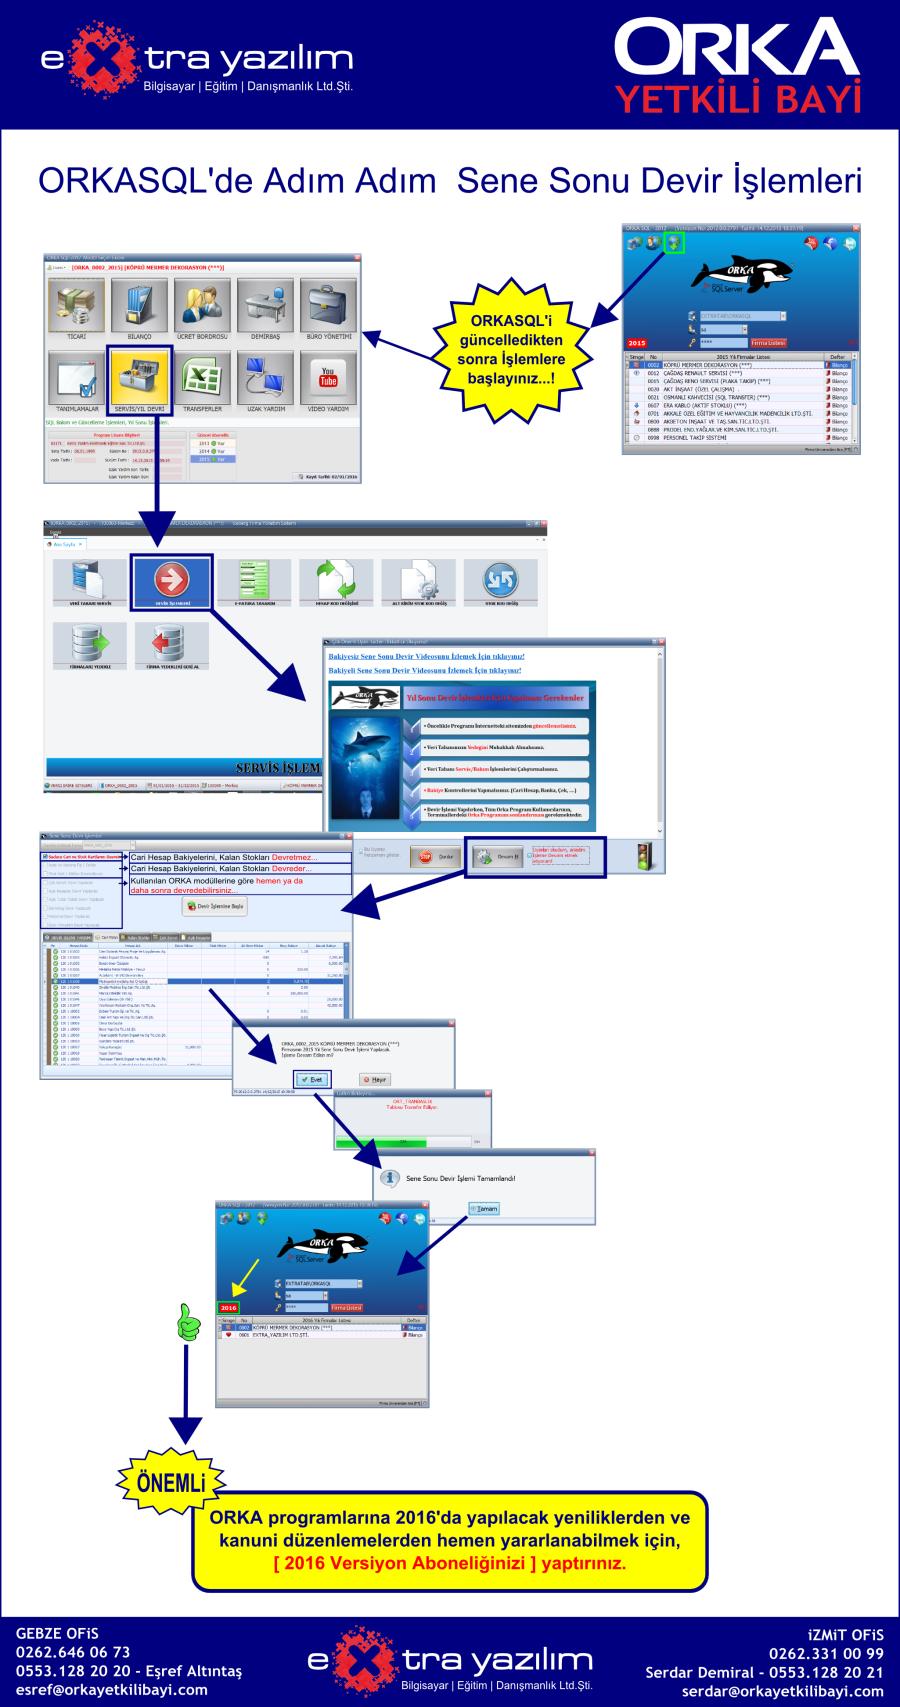 ORKASQL Adım Adım Sene Sonu Devir işlemleri